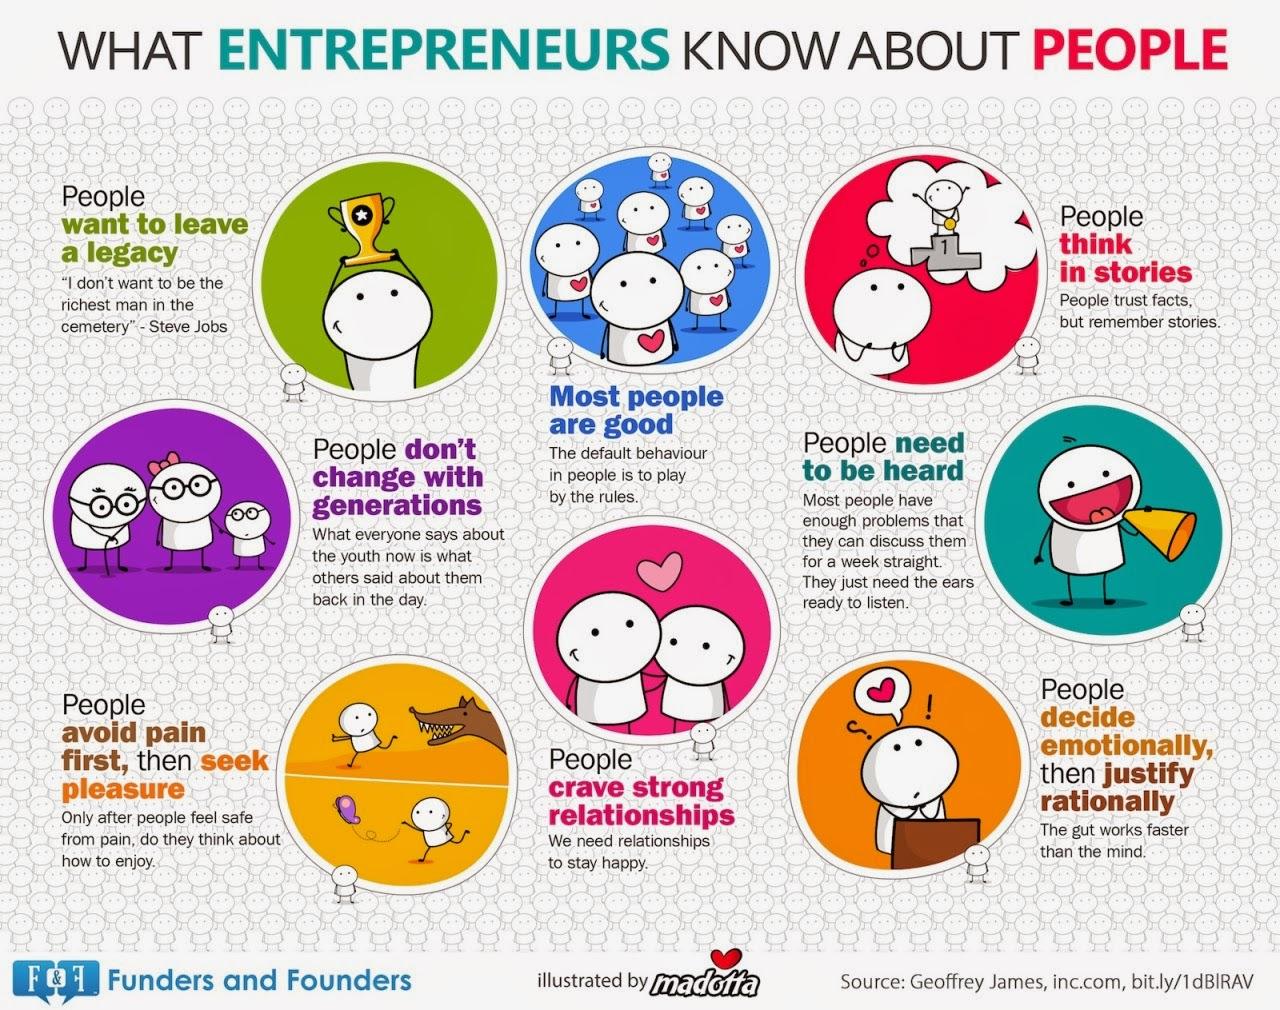 8 coisas que os empreendedores (e todas as outras pessoas) deveriam saber sobre as pessoas